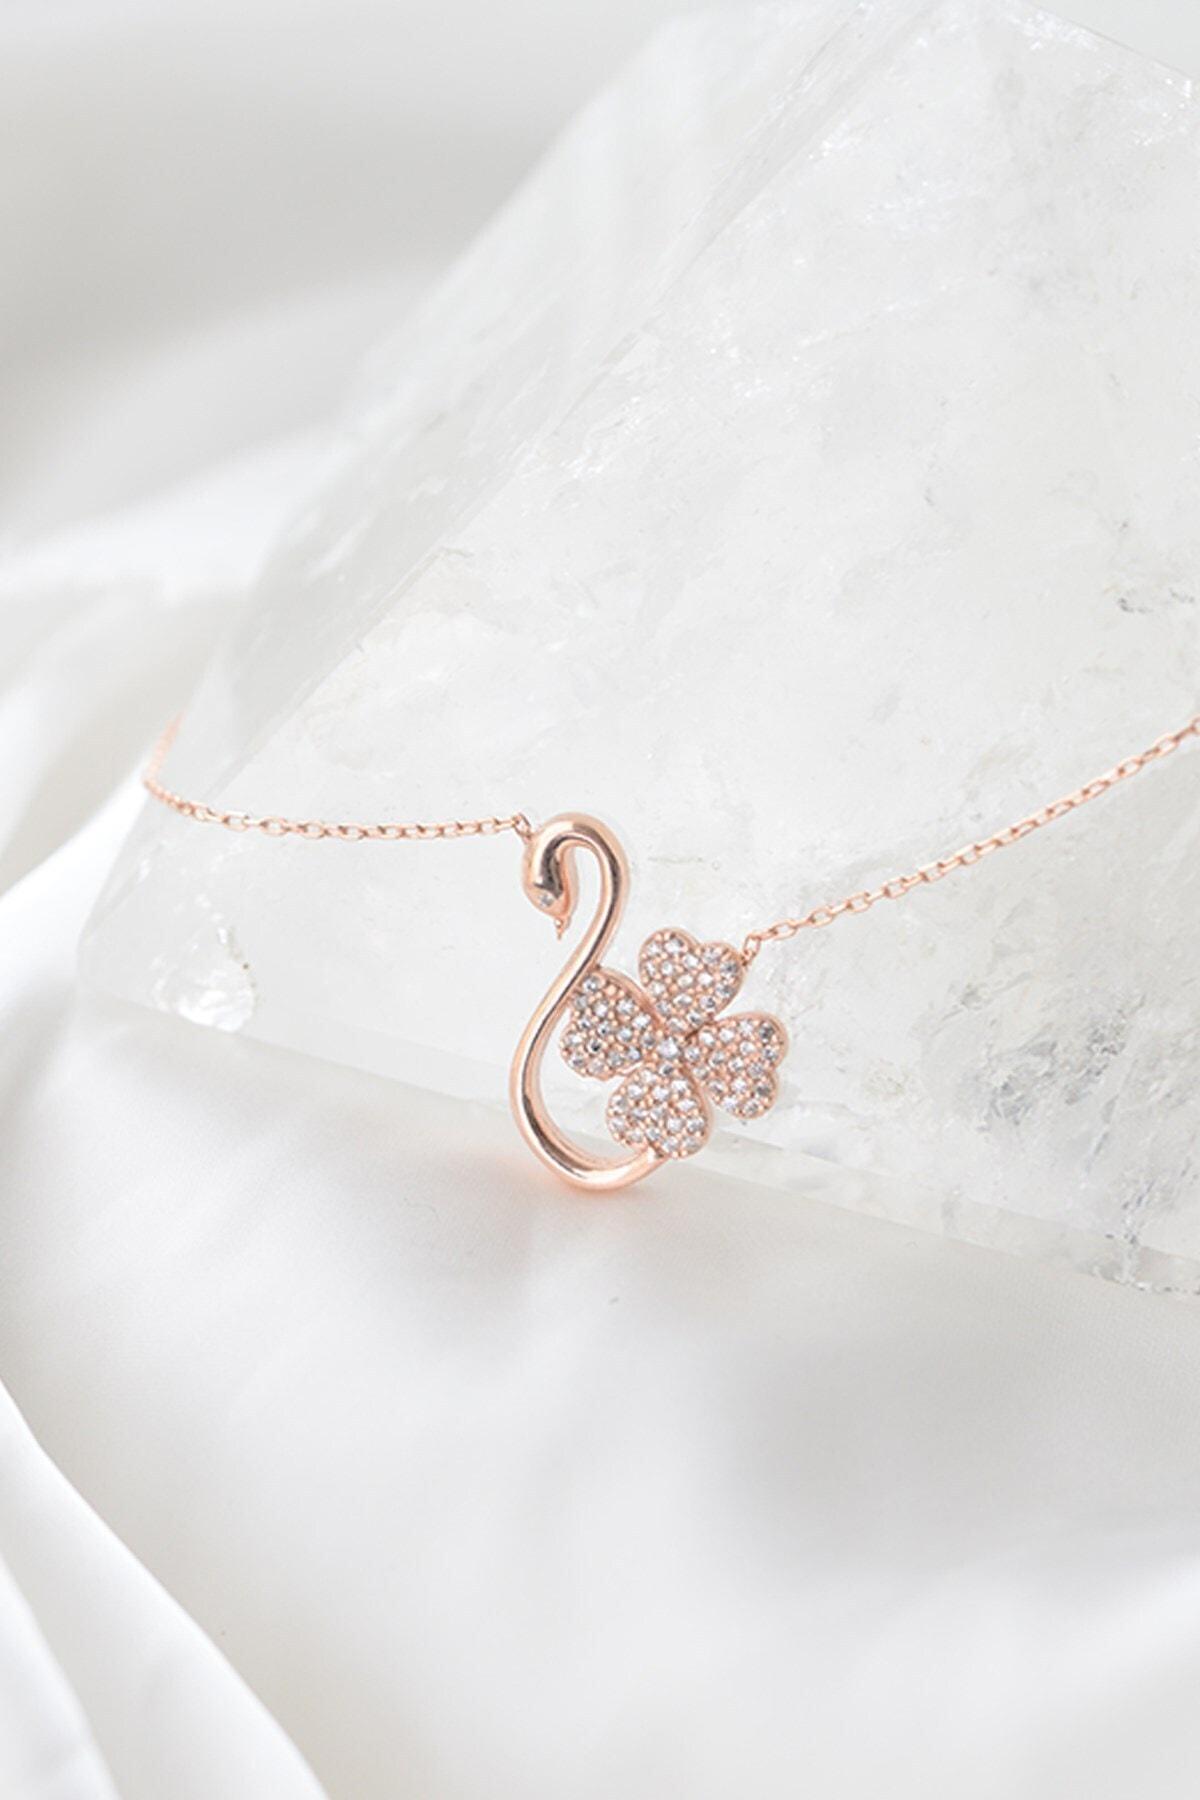 Gumusdunyam Flamingo Desenli Yonca 925 Ayar Kadın Gümüş Kolye 2